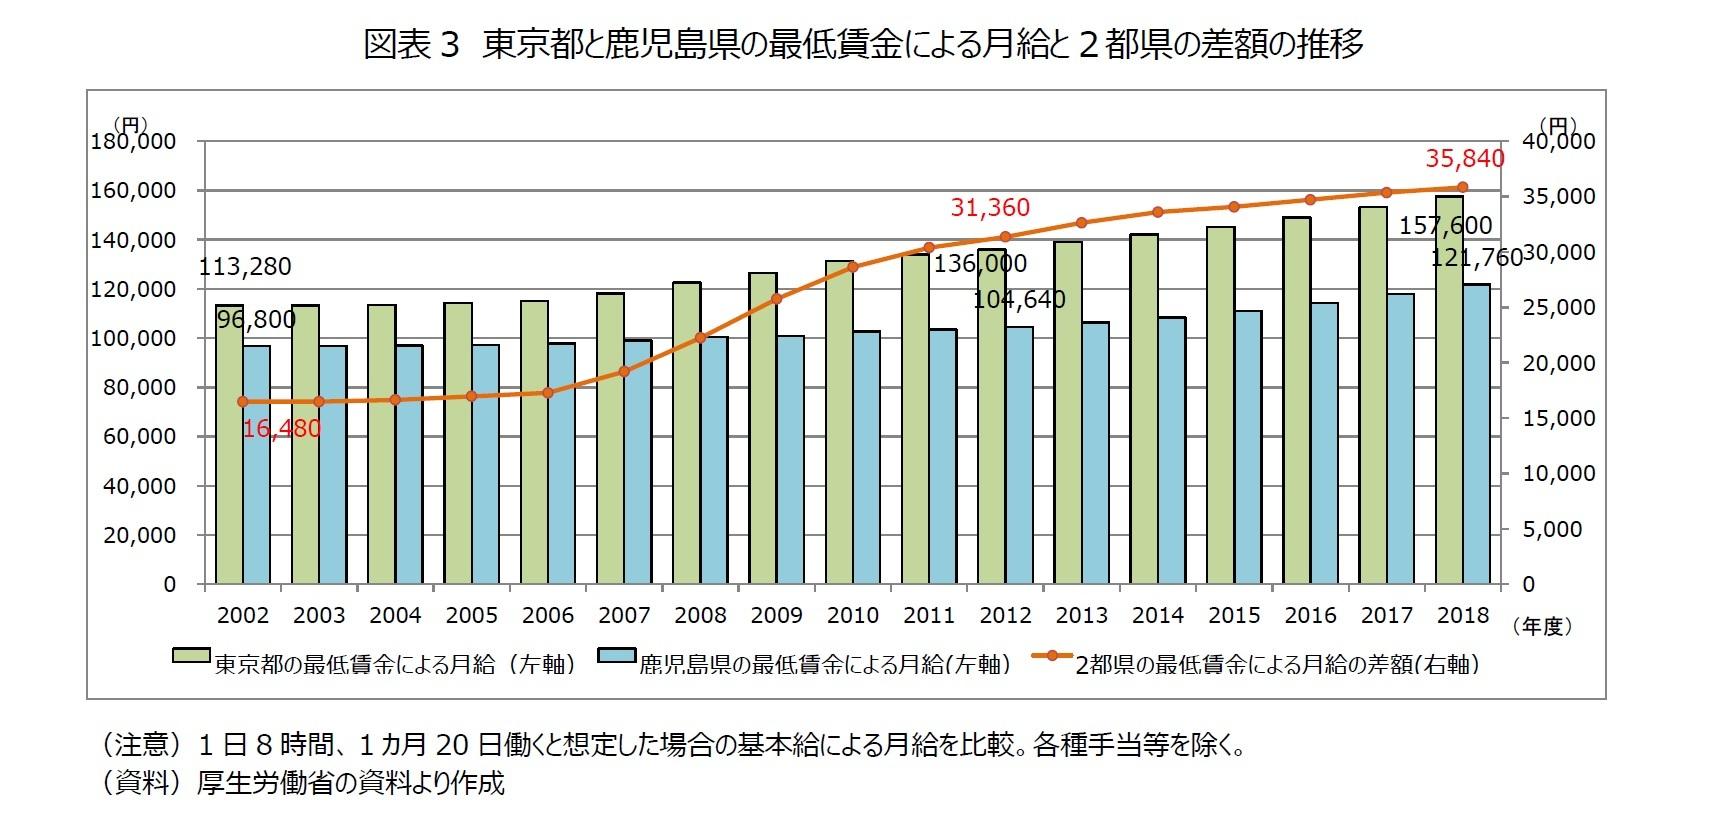 図表3 東京都と鹿児島県の最低賃金による月給と2都県の差額の推移